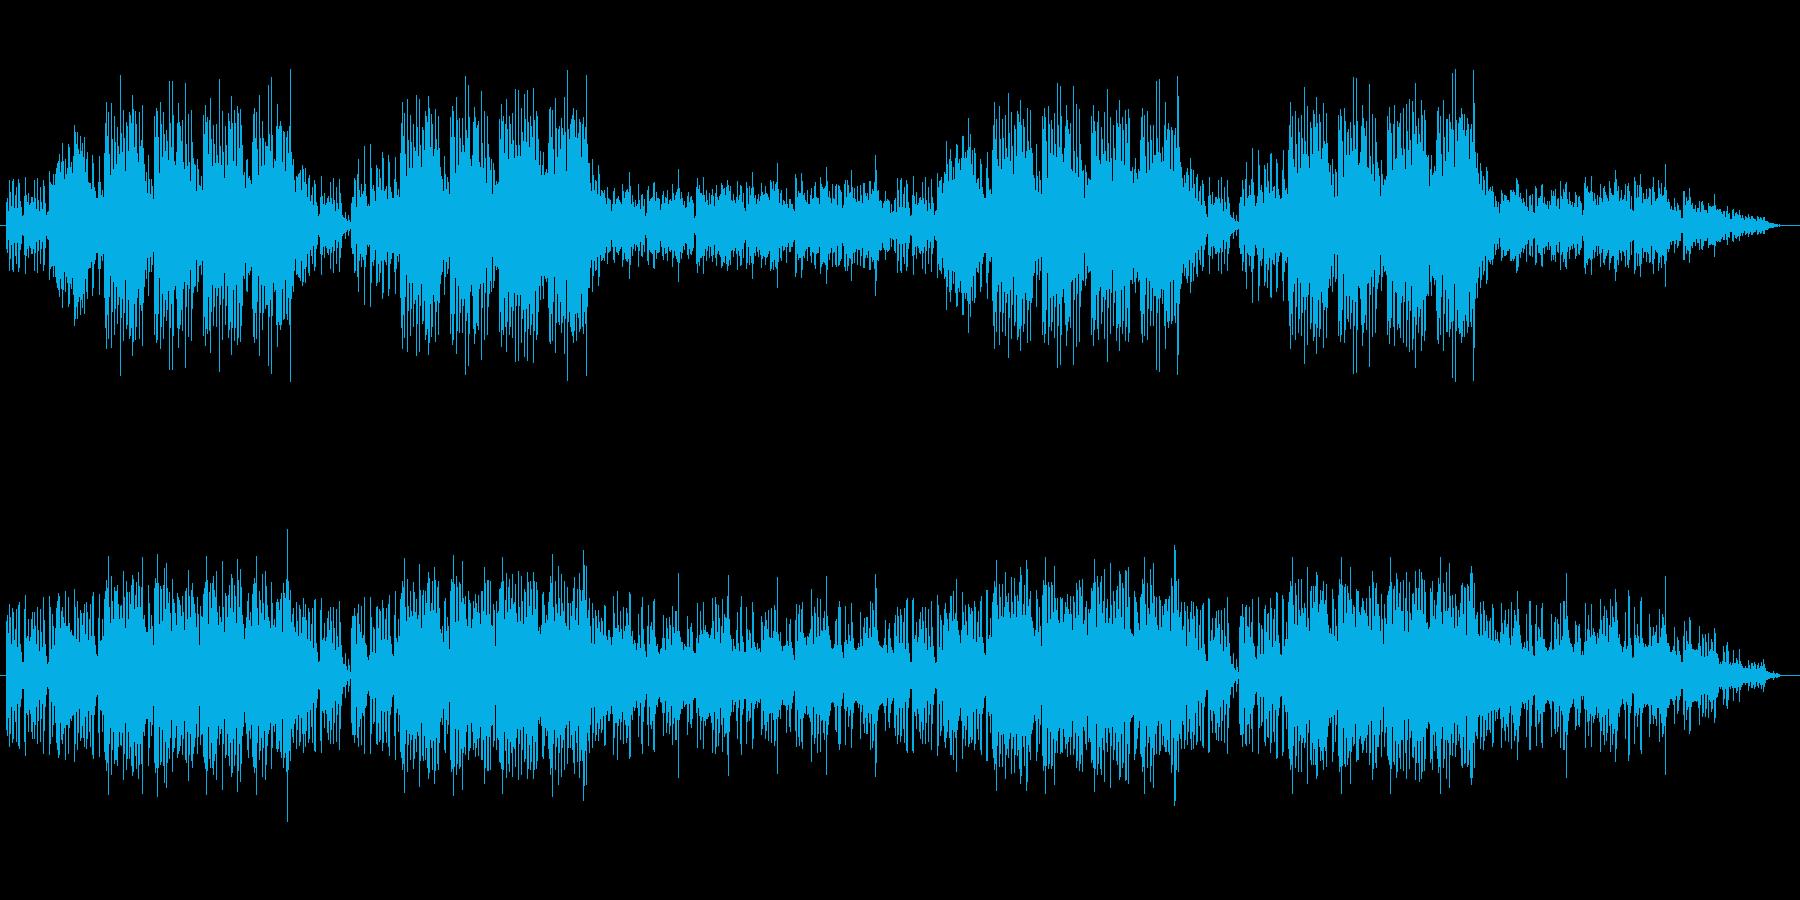 幻想的なインスト曲の再生済みの波形